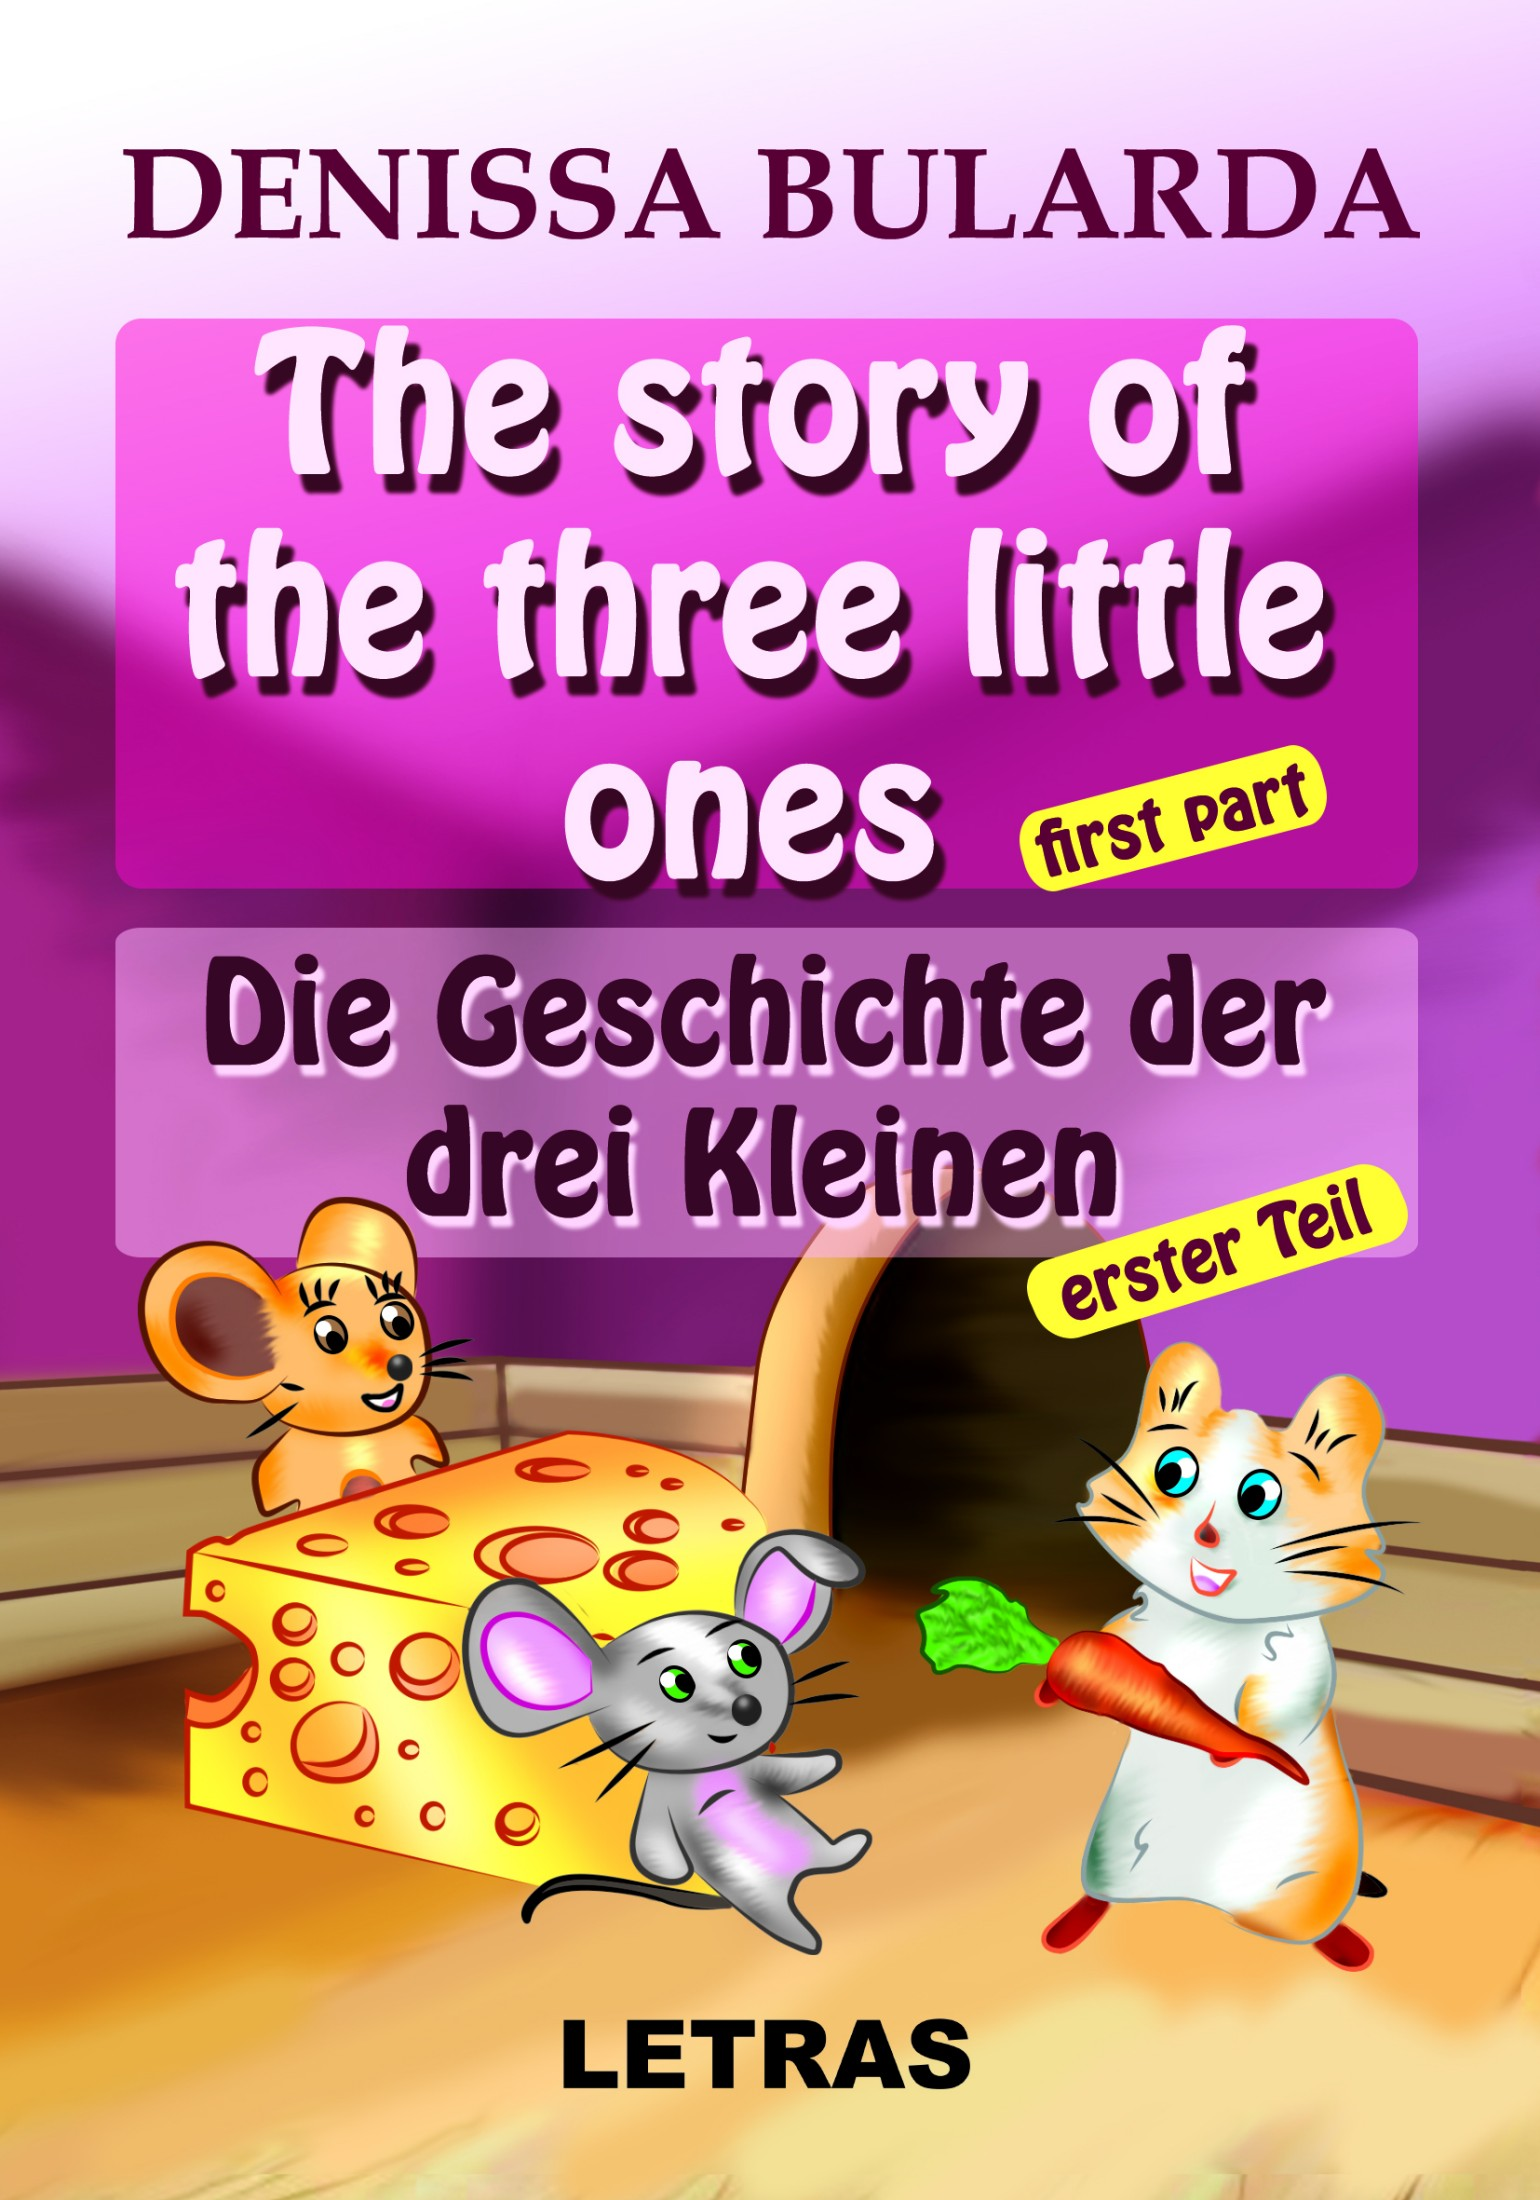 The story of the three little ones - First part / Die Geschichte der drei Kleinen - erster Teil (eBook ePUB) - Denissa Bularda - Editura Letras, 2020